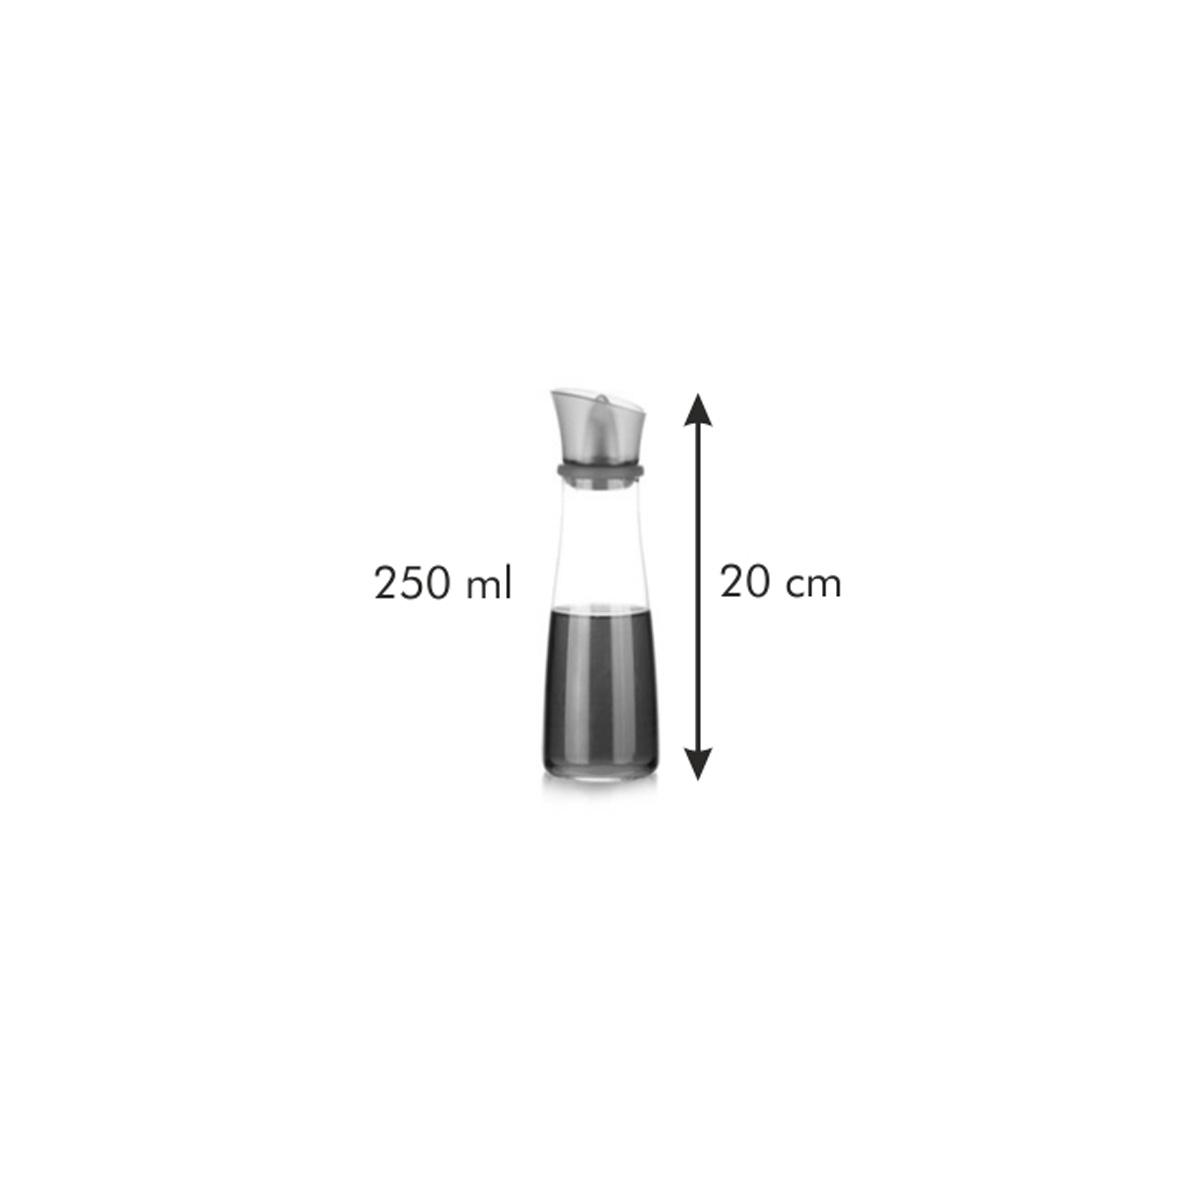 Nádoba na ocet VITAMINO 250 ml